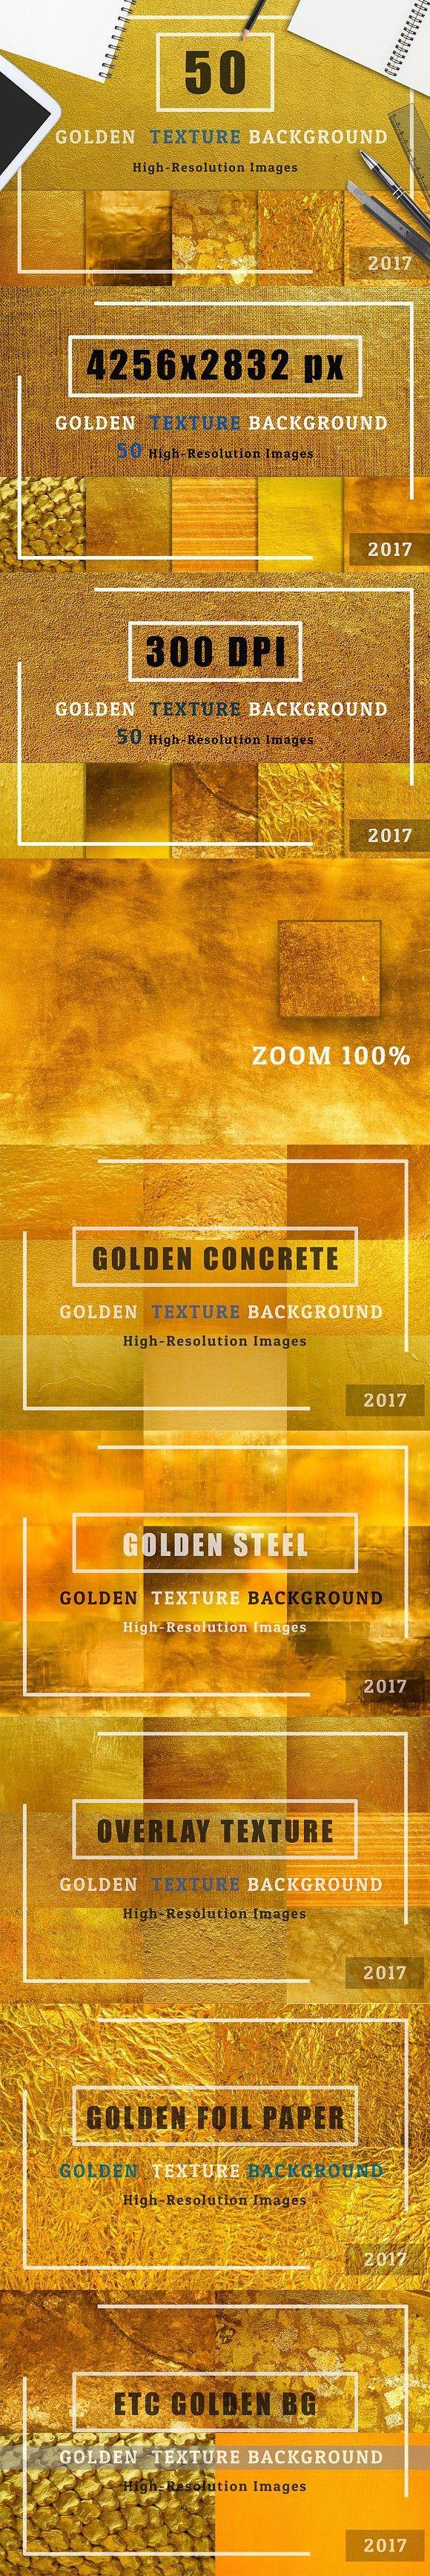 Golden Texture Background Set1. Best Textures